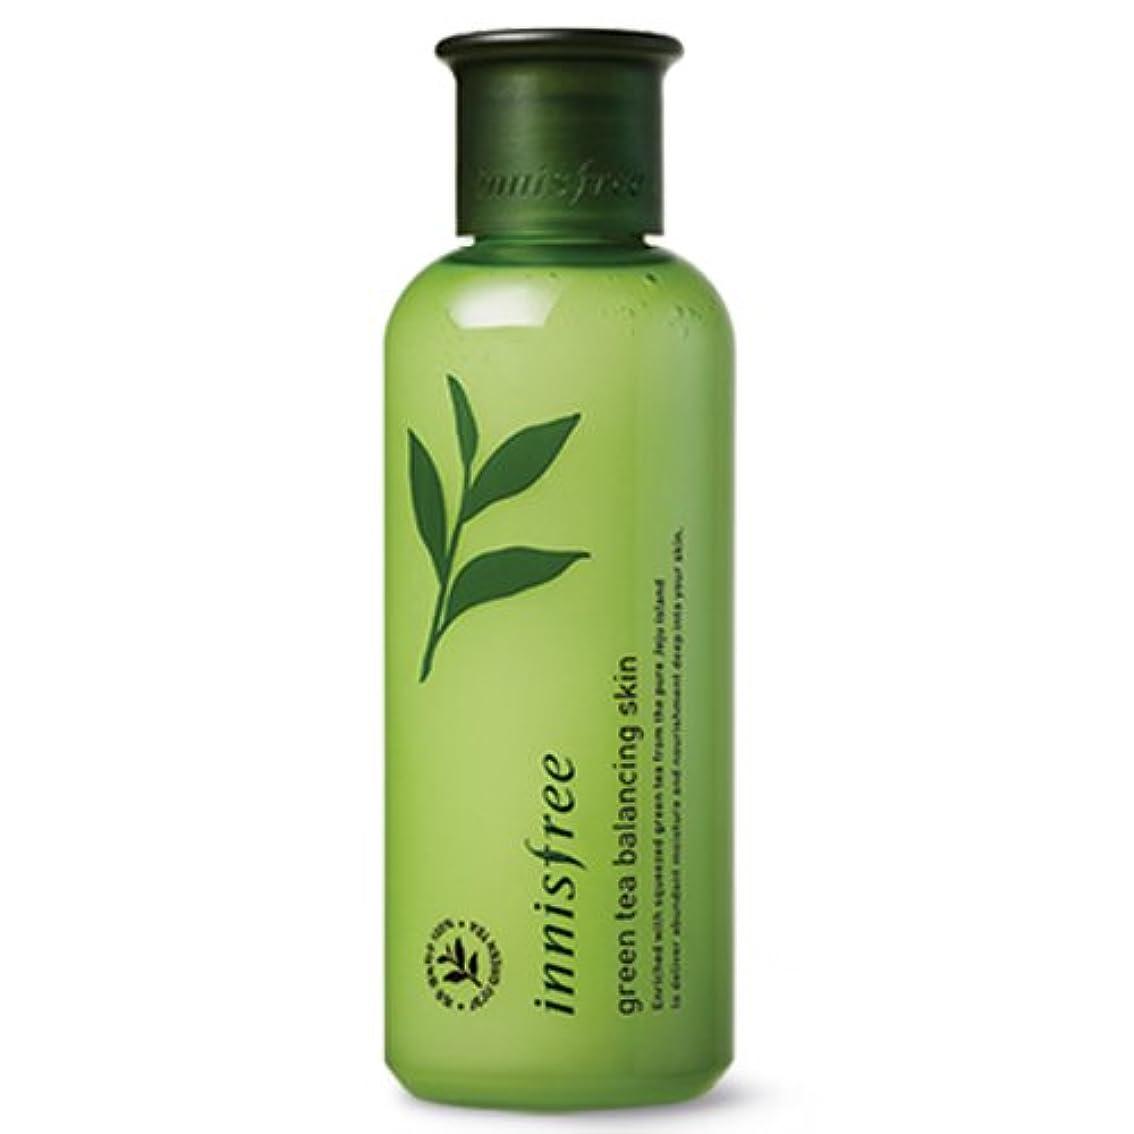 ラベ人気のスカート[INNISFREE]イニスフリーグリーンティーバランシング スキン200ml green tea balancing skin 200ml